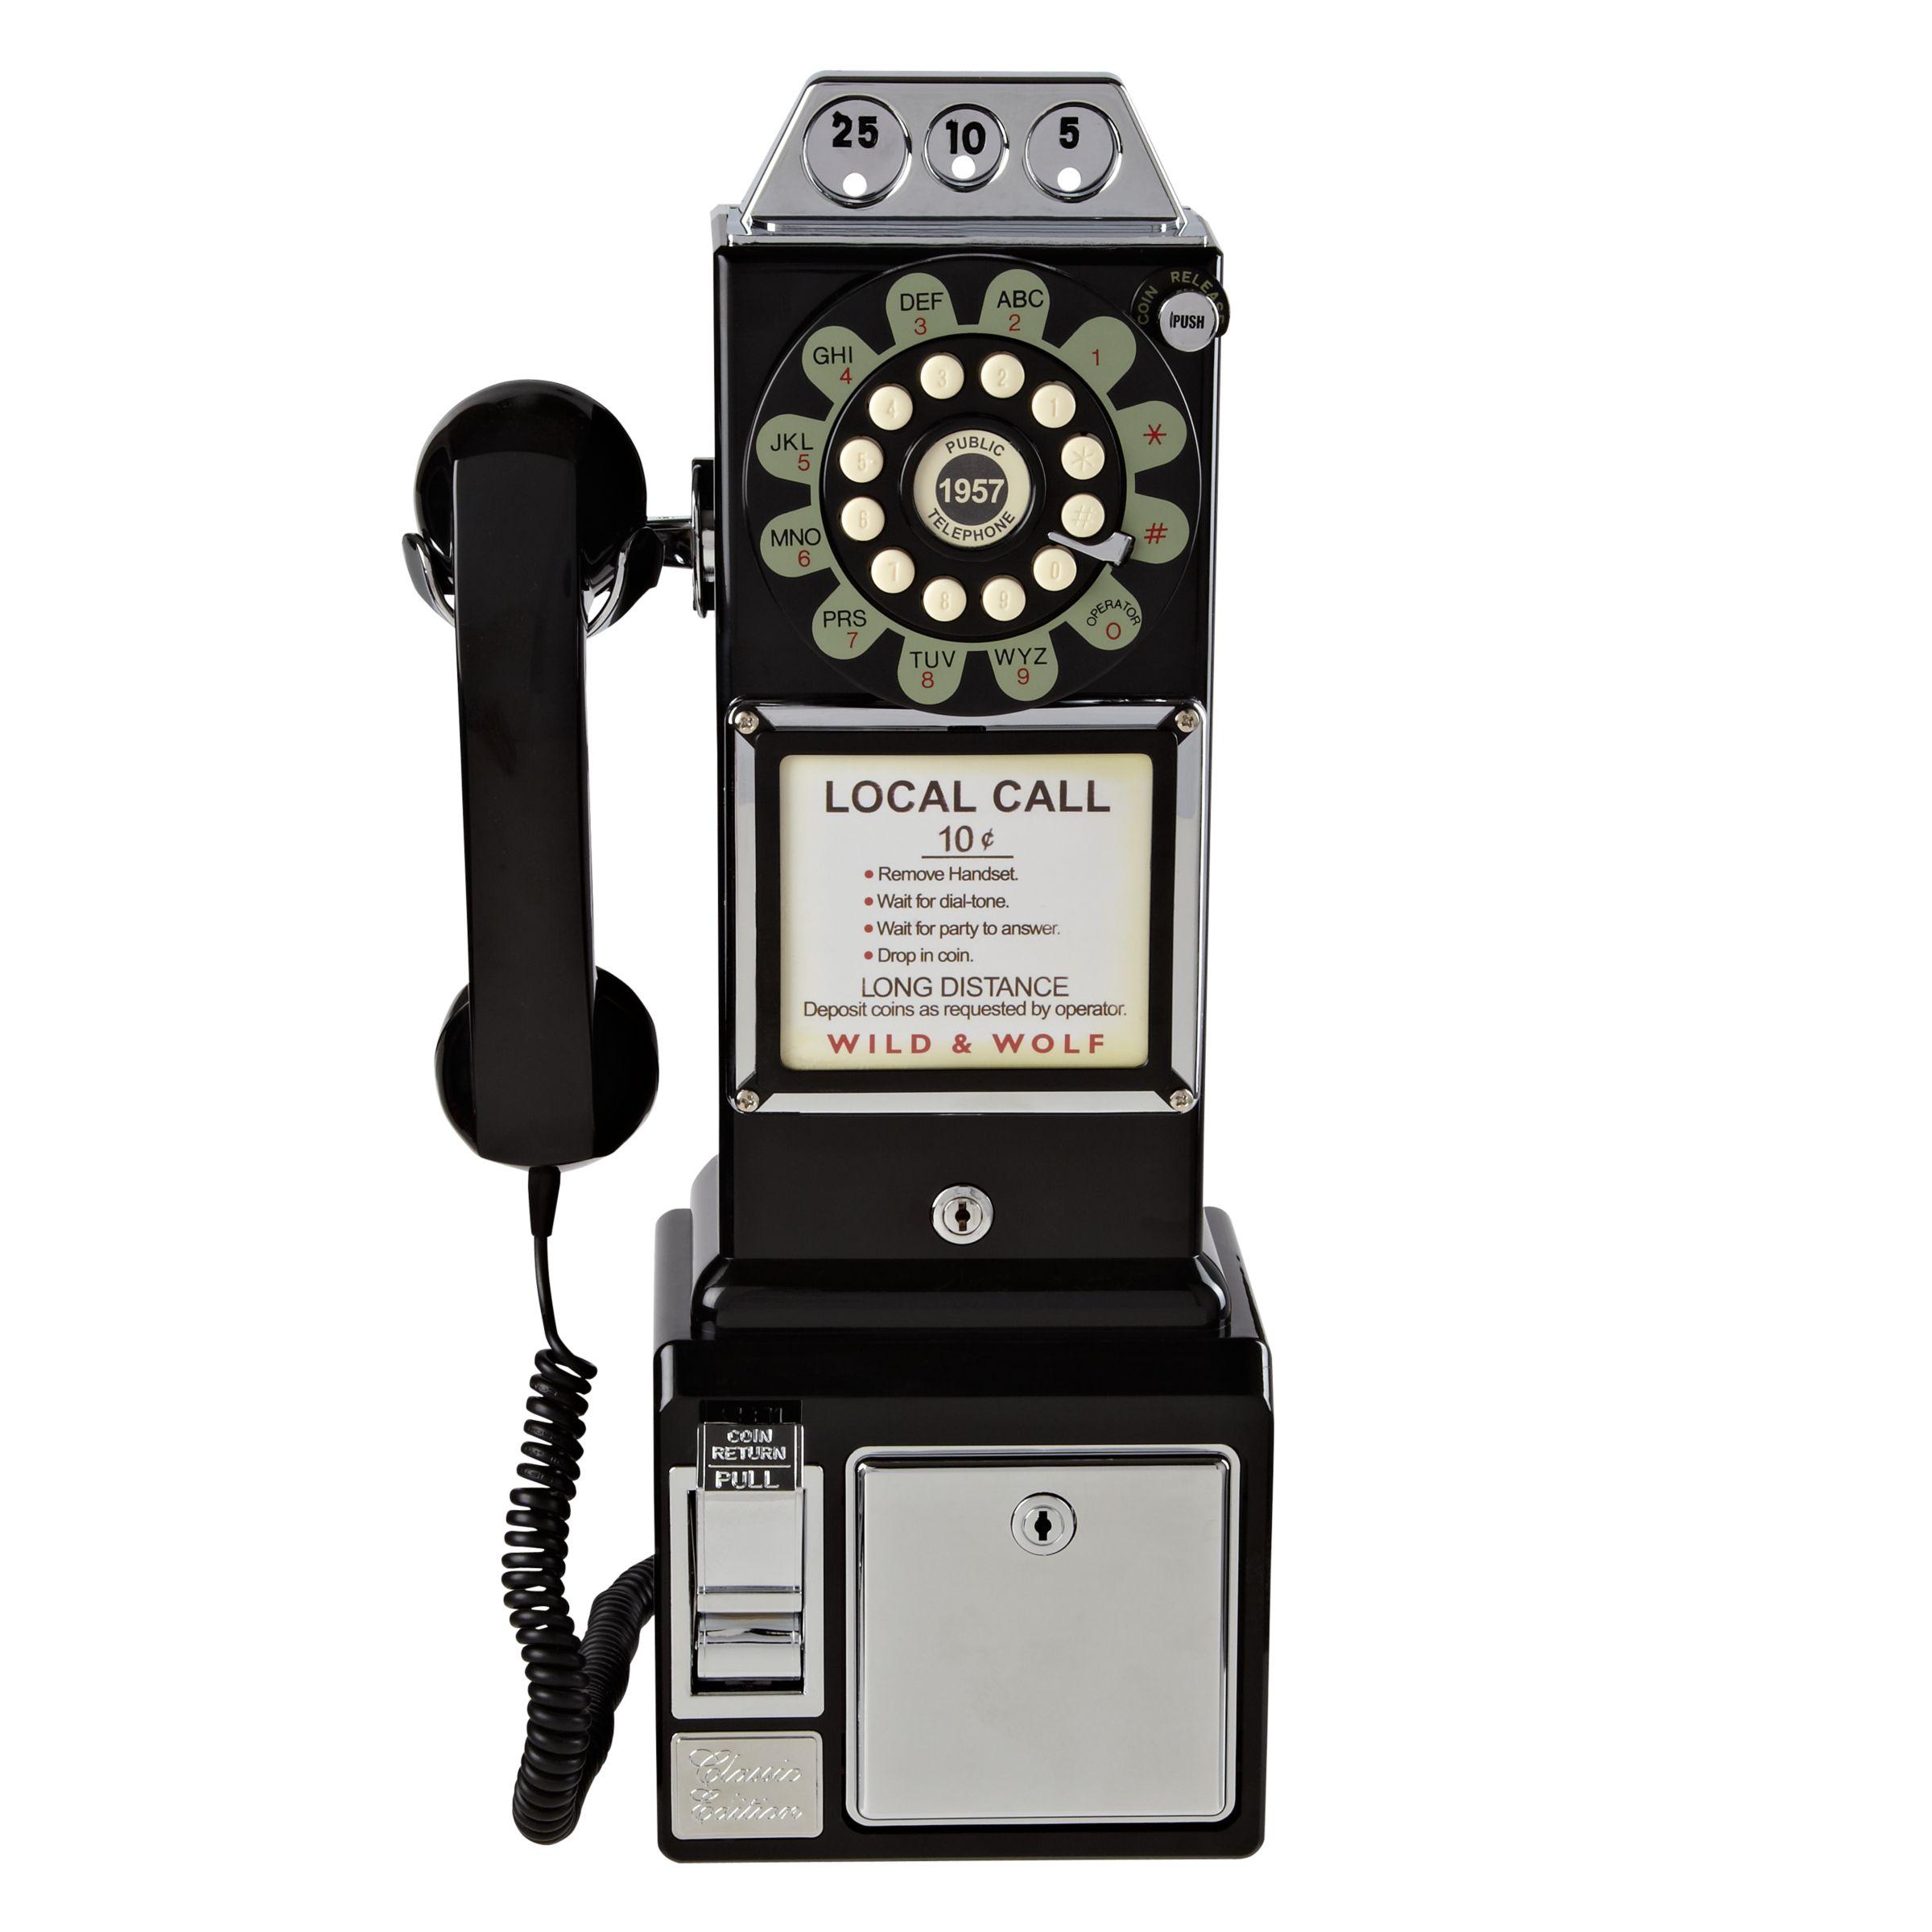 Wild & Wolf Wild & Wolf 1950s Diner Phone, Black